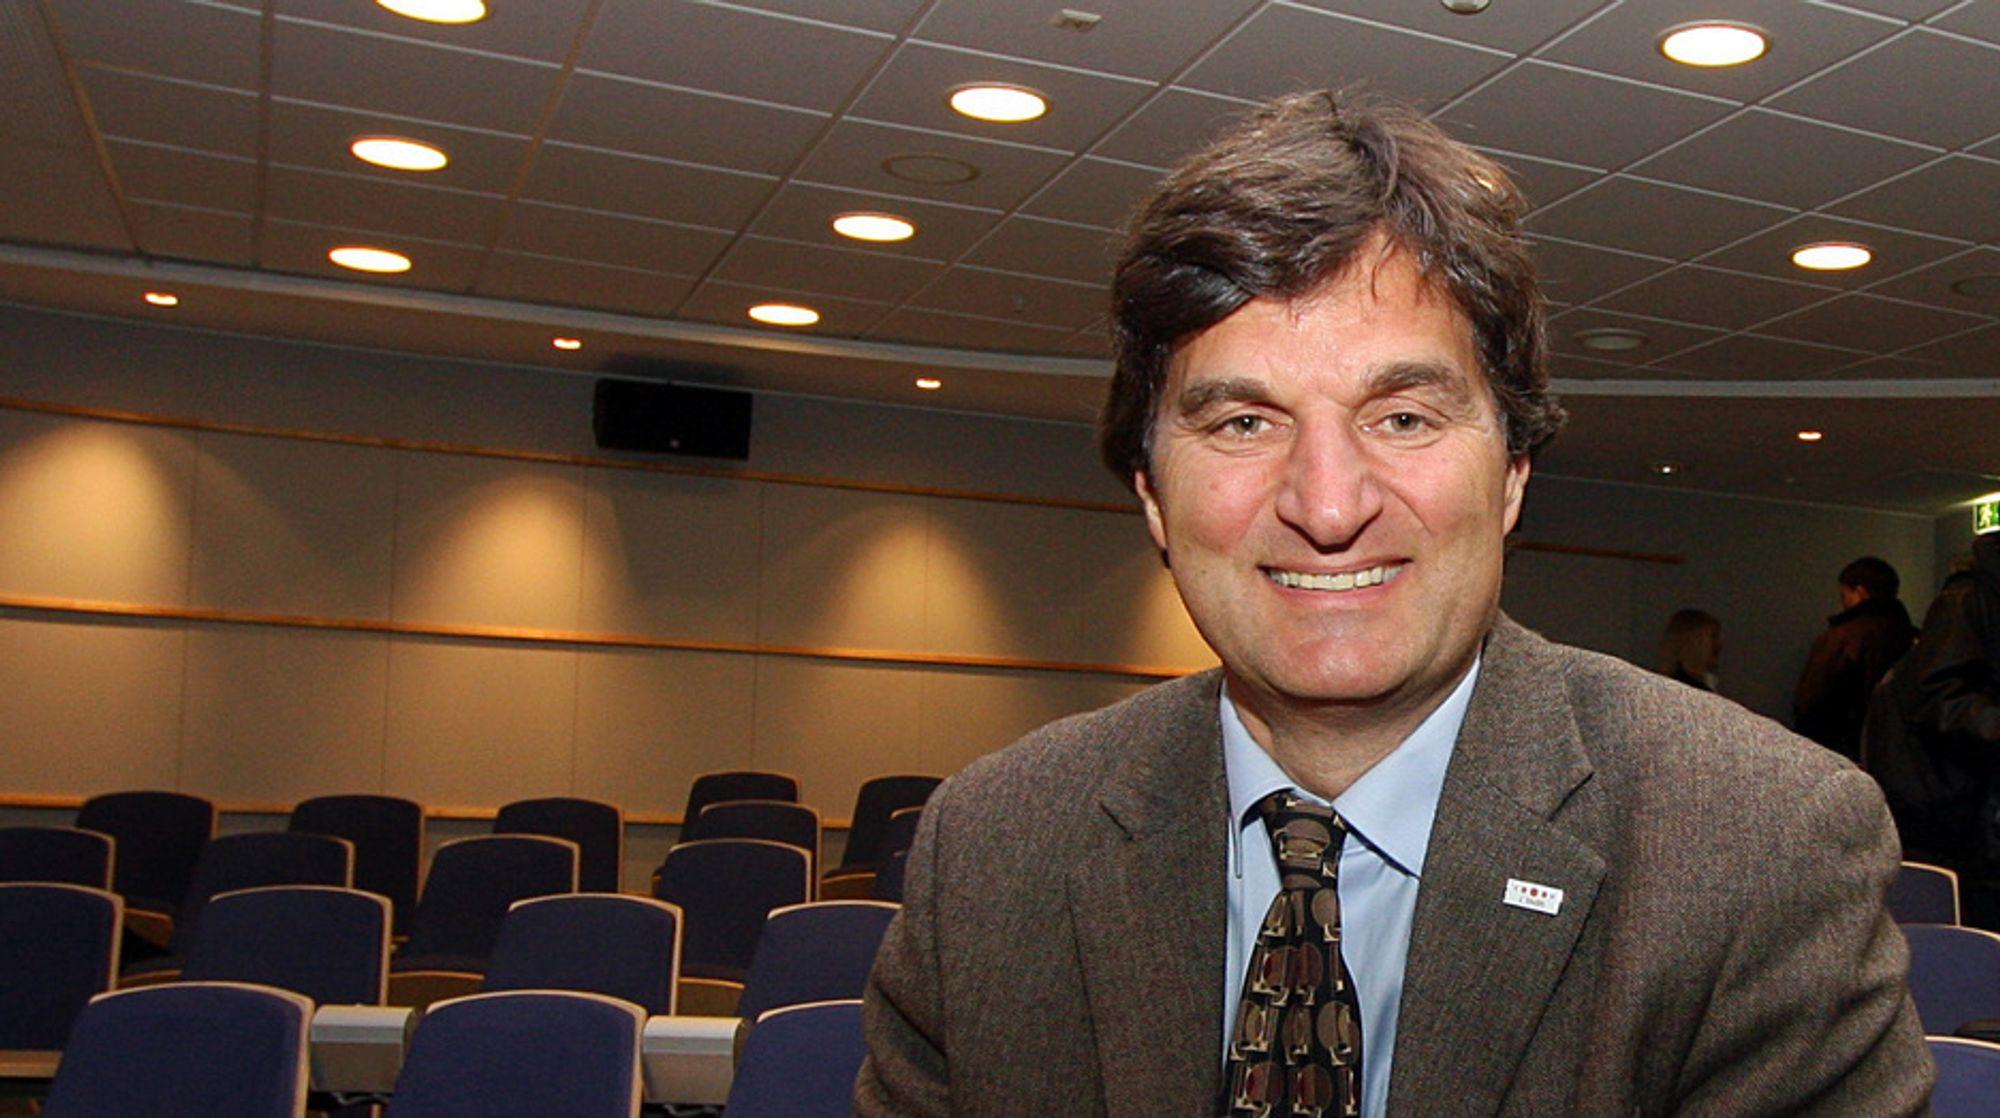 Avinor-sjef Sverre Quale tror lyntog vil føre til døden for mange småflyplasser rundt omkring i distriktene.